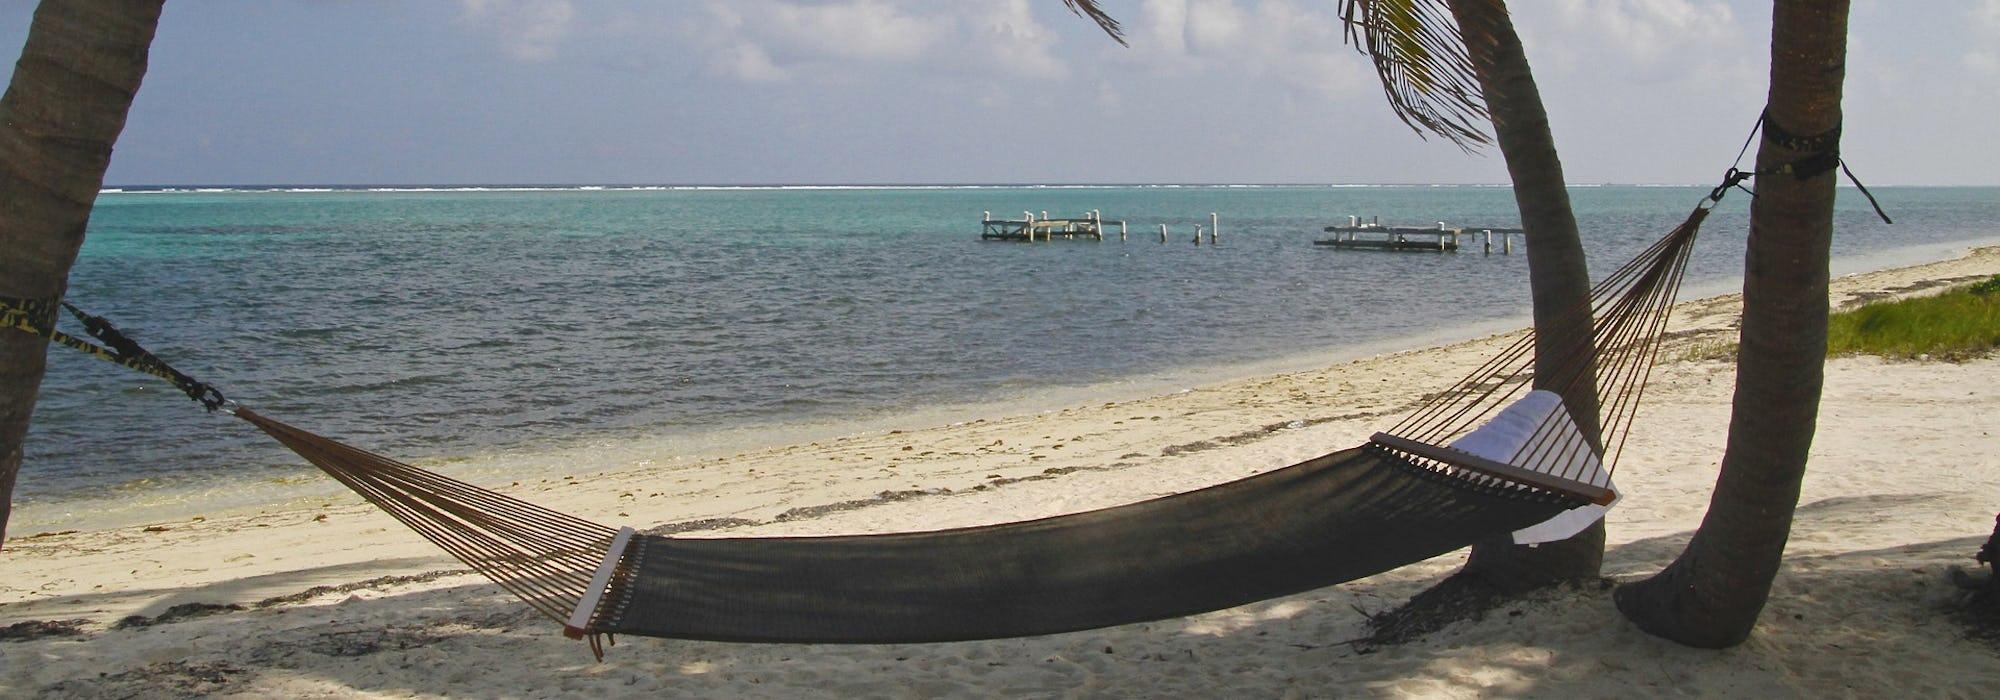 En hängmattan mellan två palmer på stranden med havet som sköljer in.